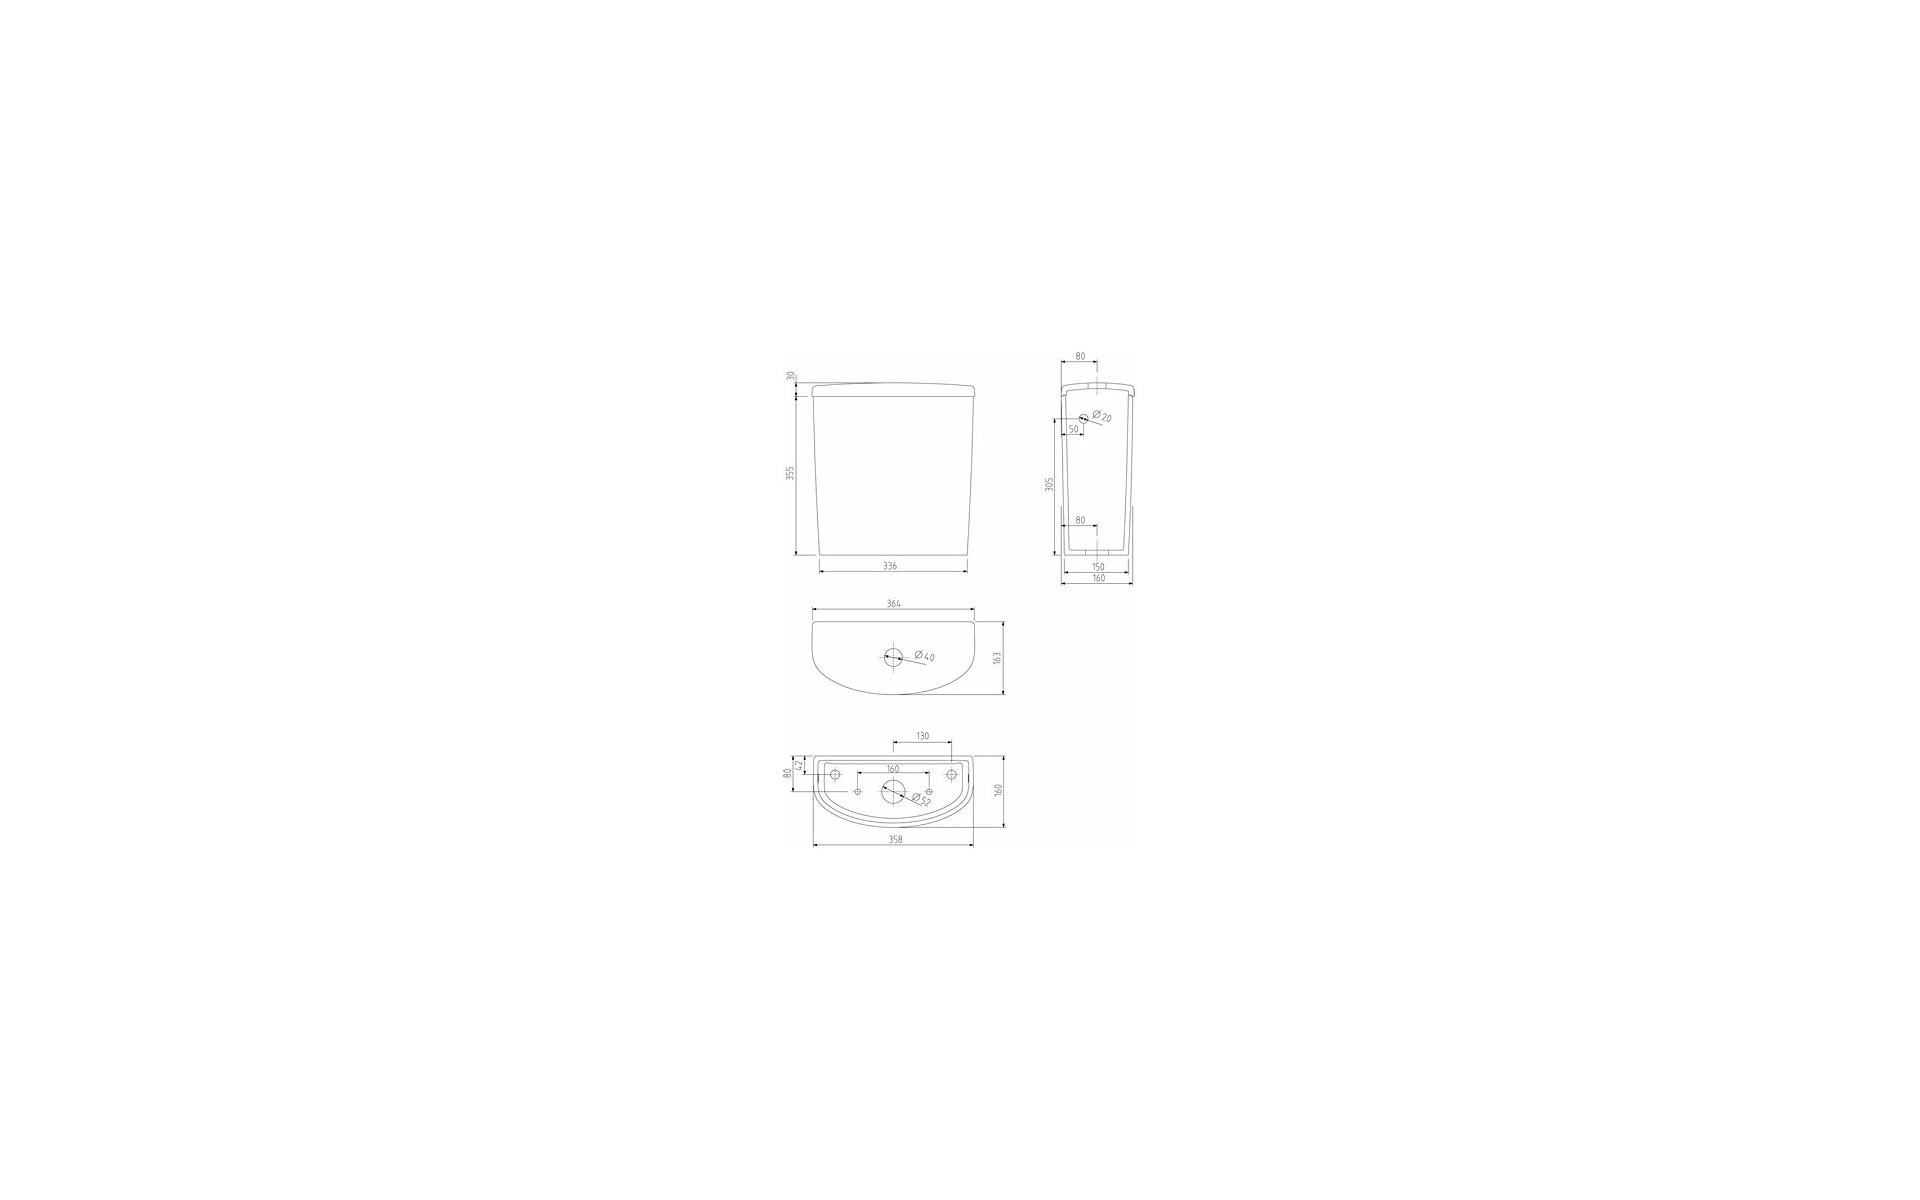 Spłuczka owalna do WC dla seniora - rysunek.